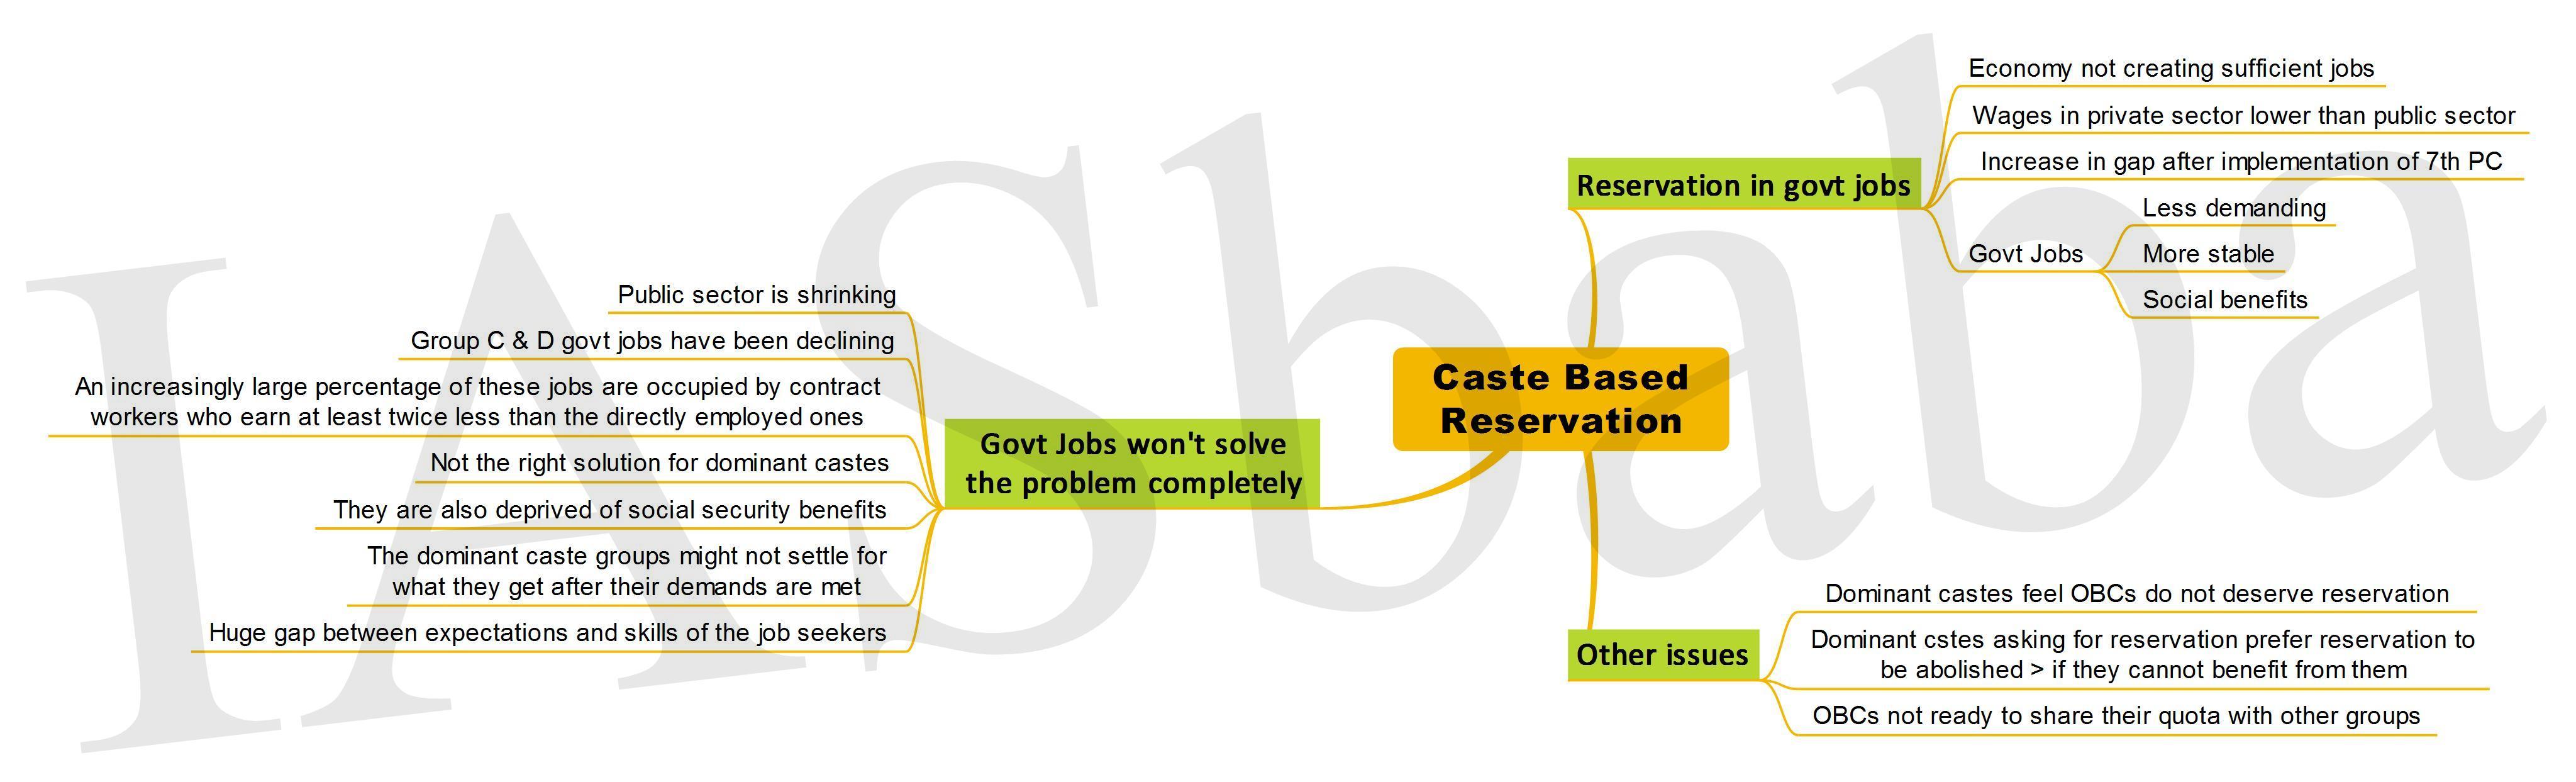 Caste Based Reservation - IASbaba